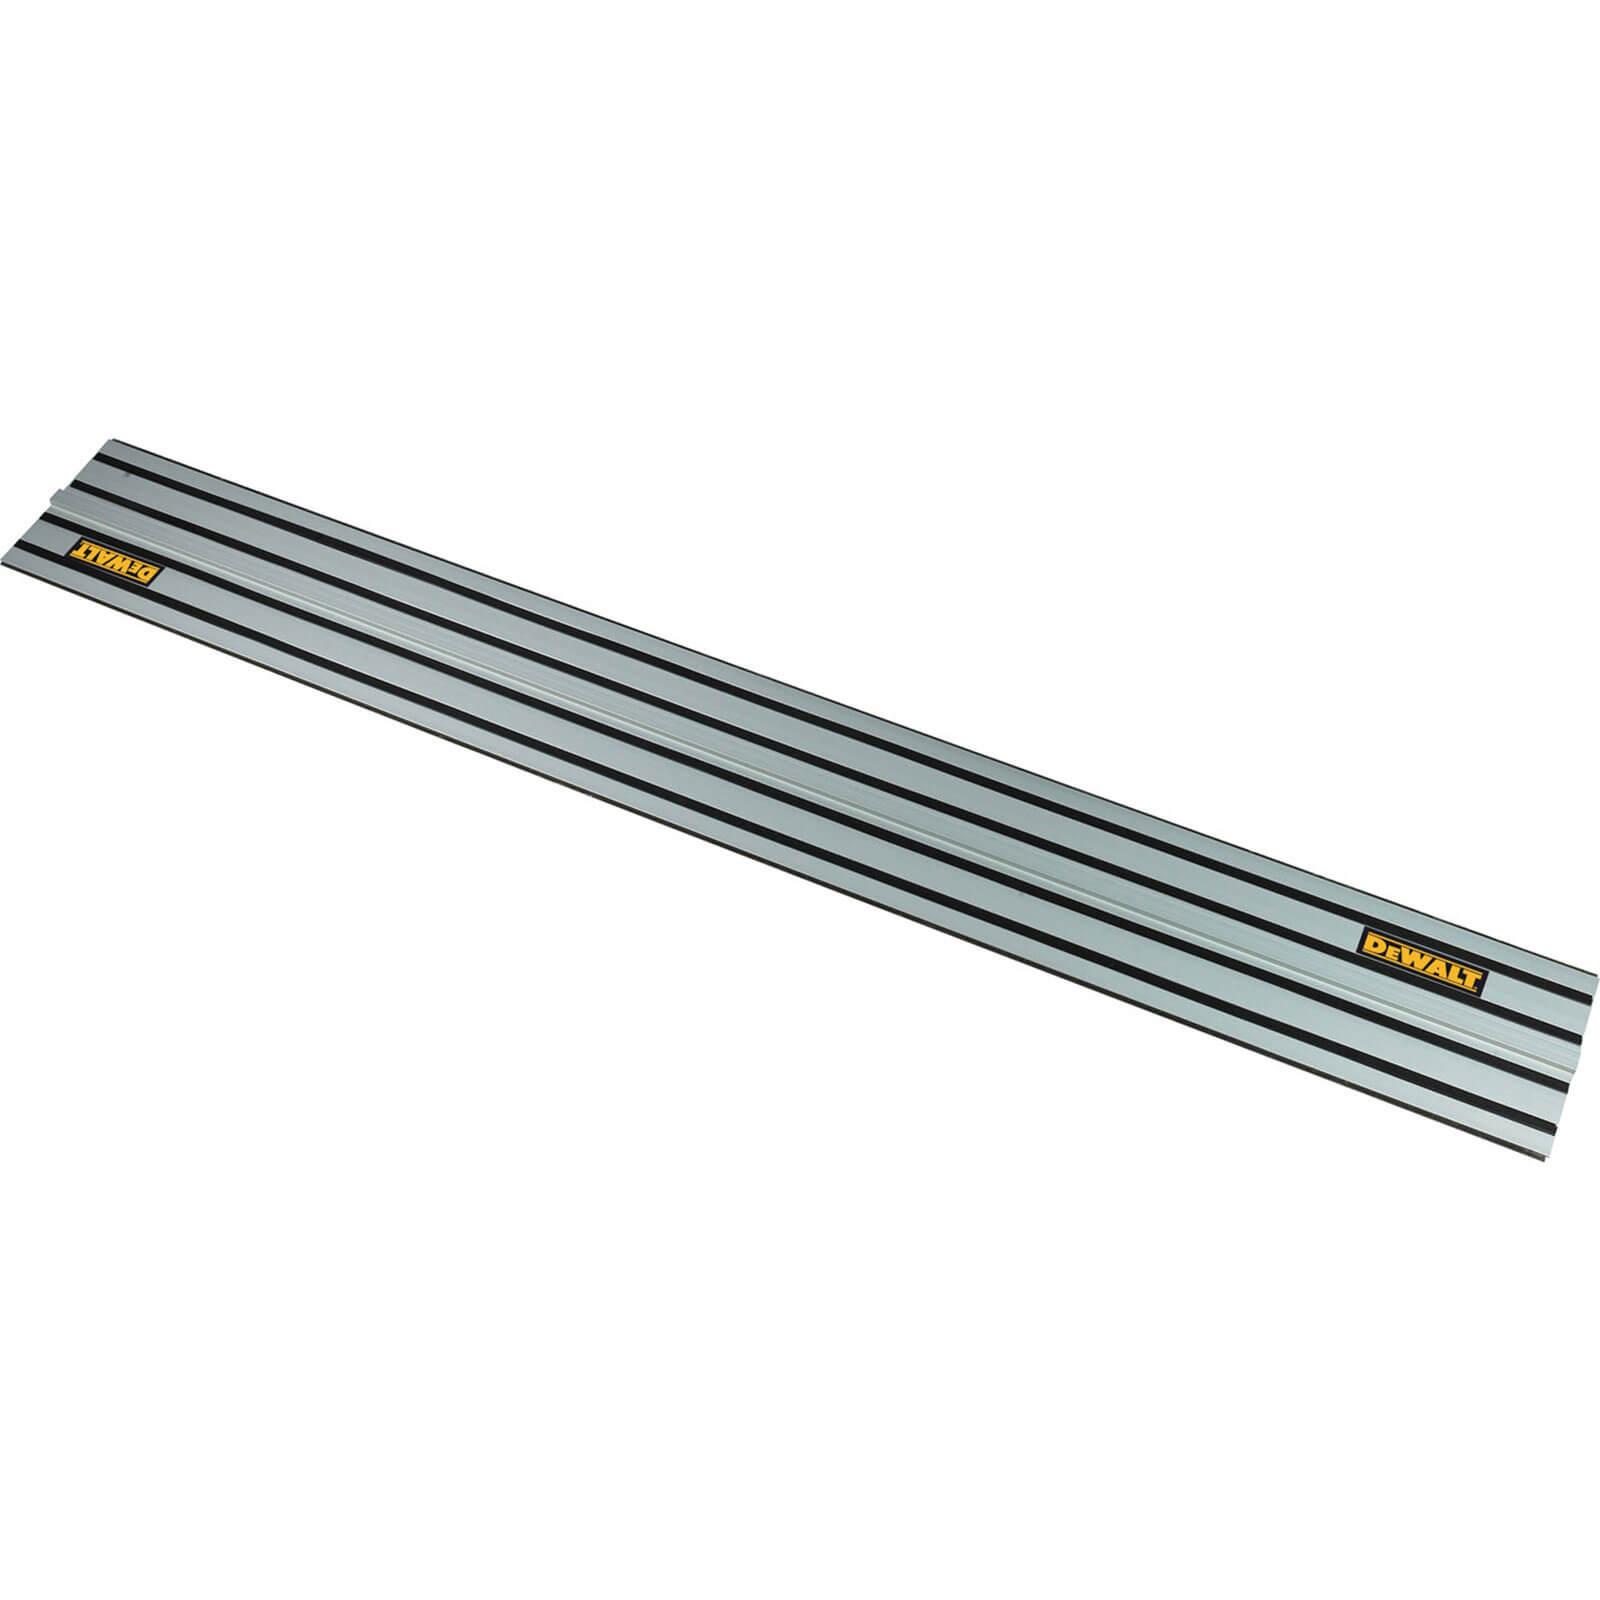 DeWalt Plunge Saw Guide Rail 1.5m for DWS520 / DC352K